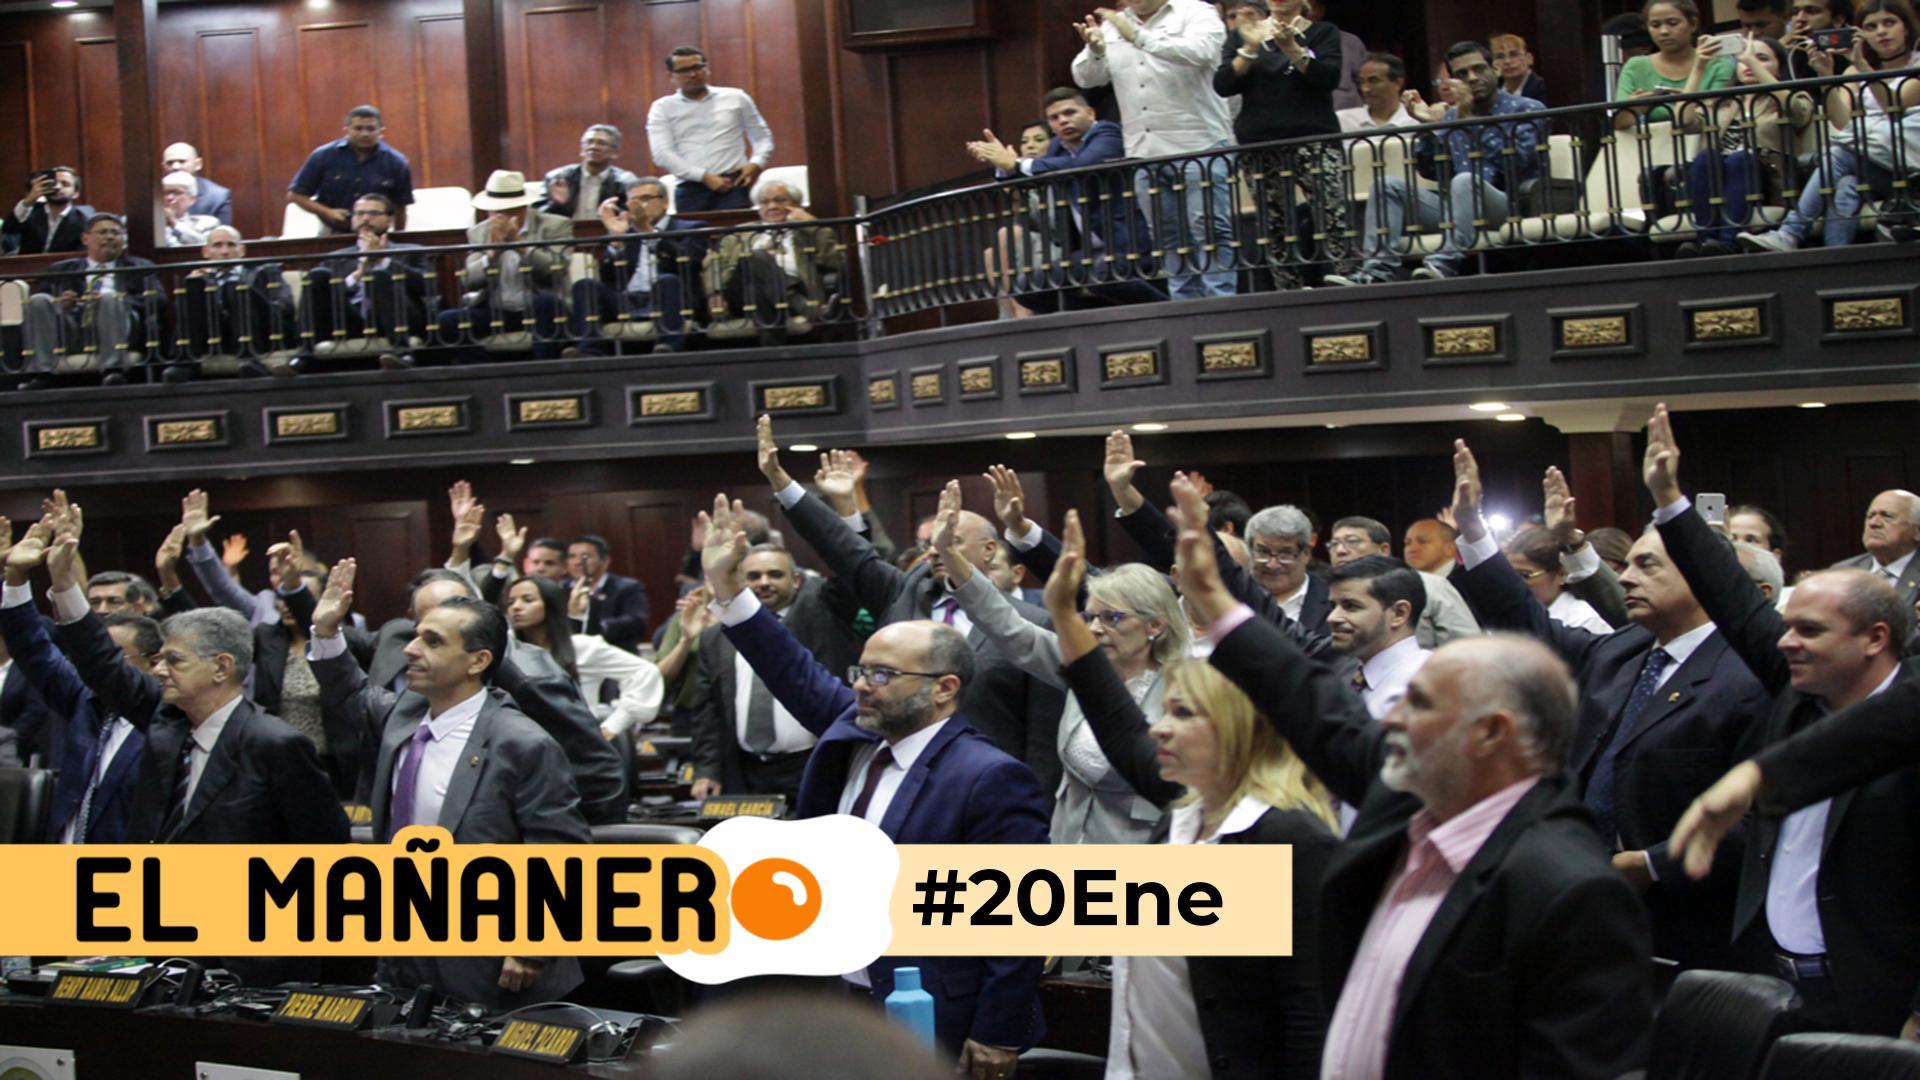 El Mañanero de hoy #20Ene: Las 8 noticias que debes saber